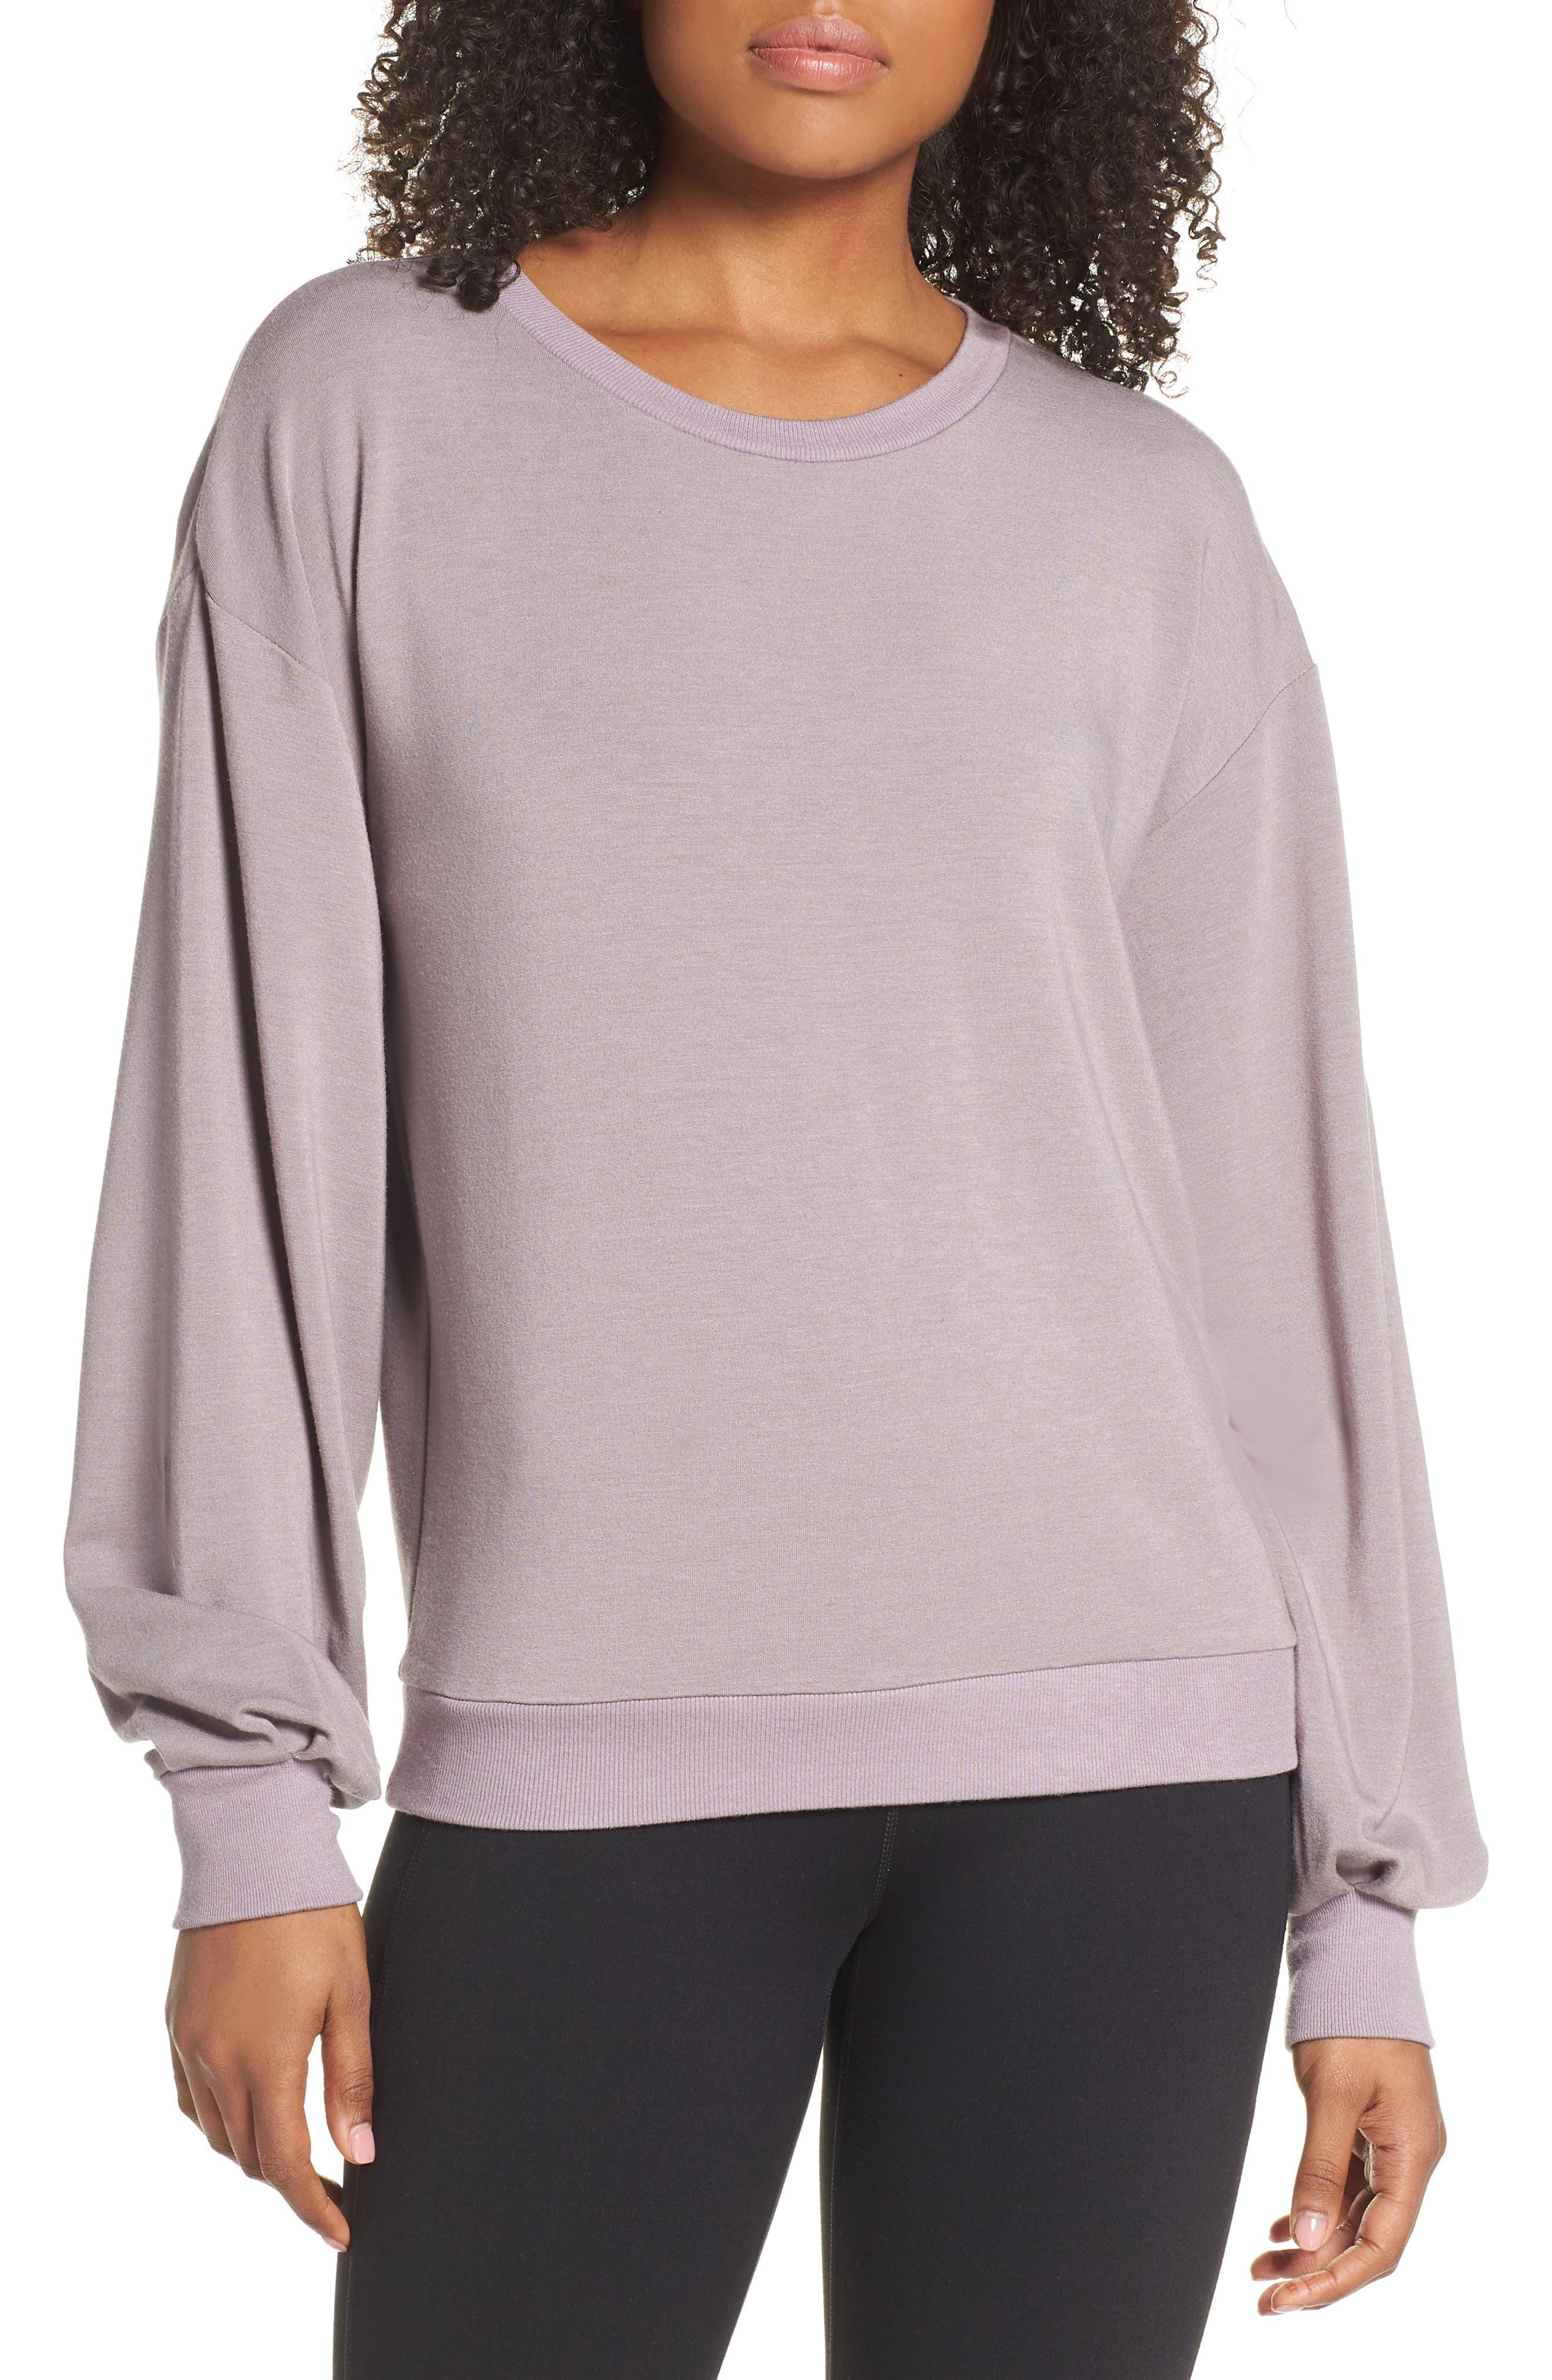 668d3ad892 Women s Zella Sweatshirts   Hoodies